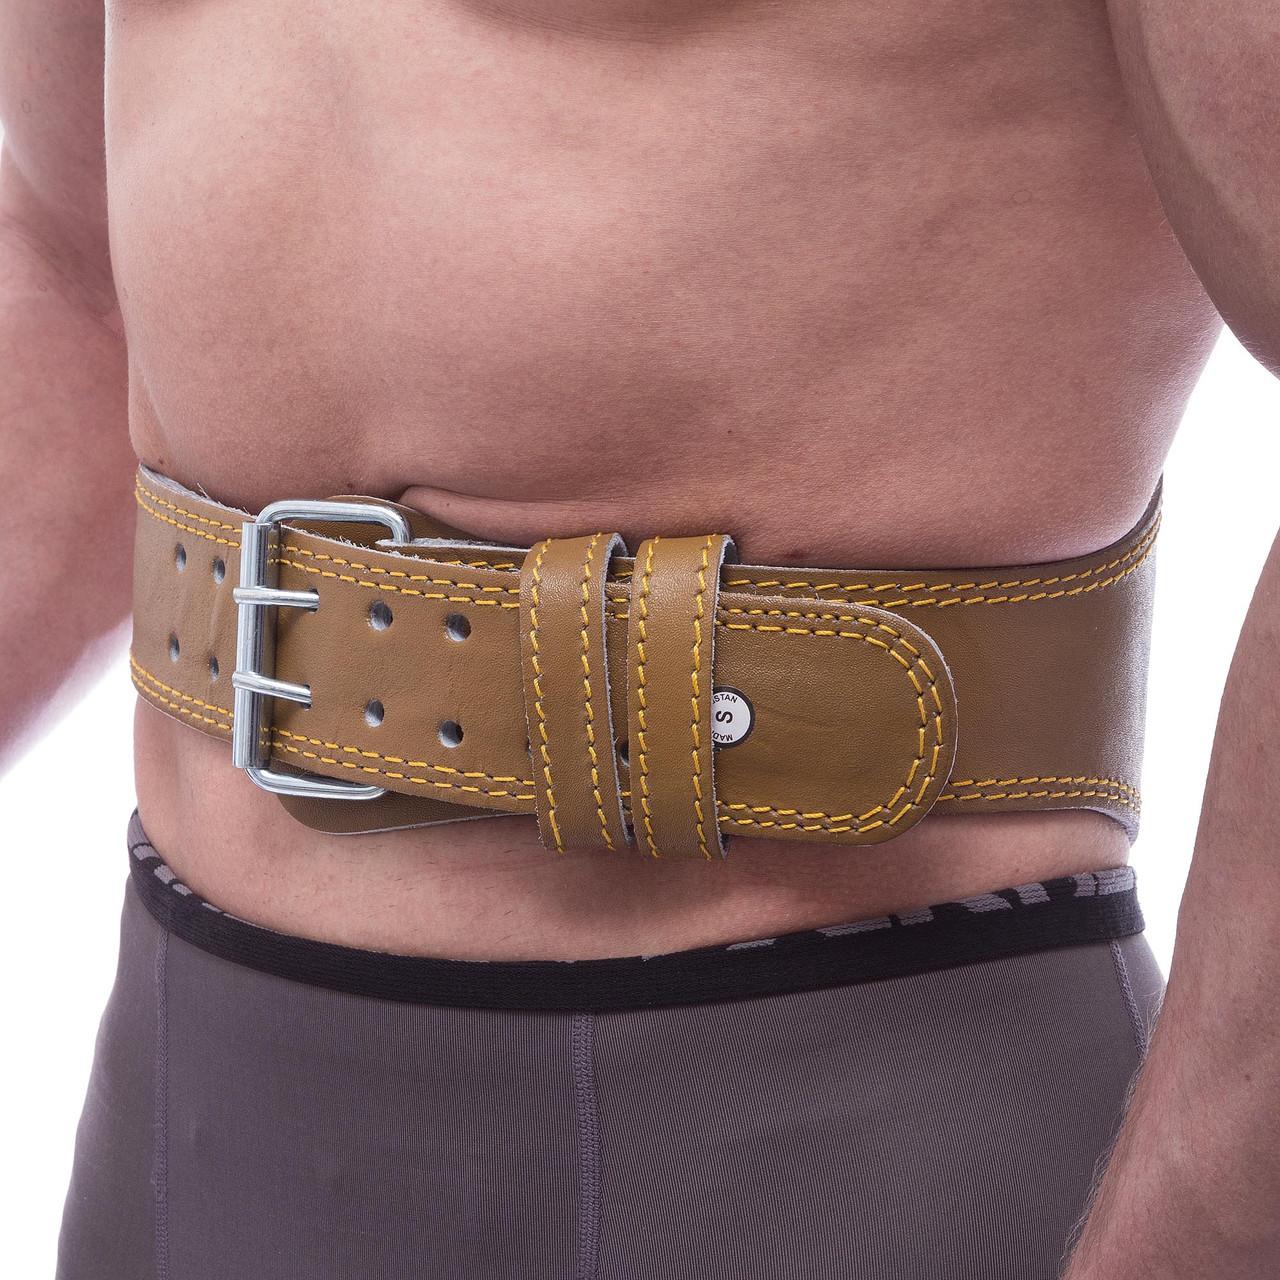 Пояс атлетический кожаный FAIRTEX 161074 (ширина-6in (15см), р-р S-XL, с подкладкой для спины,